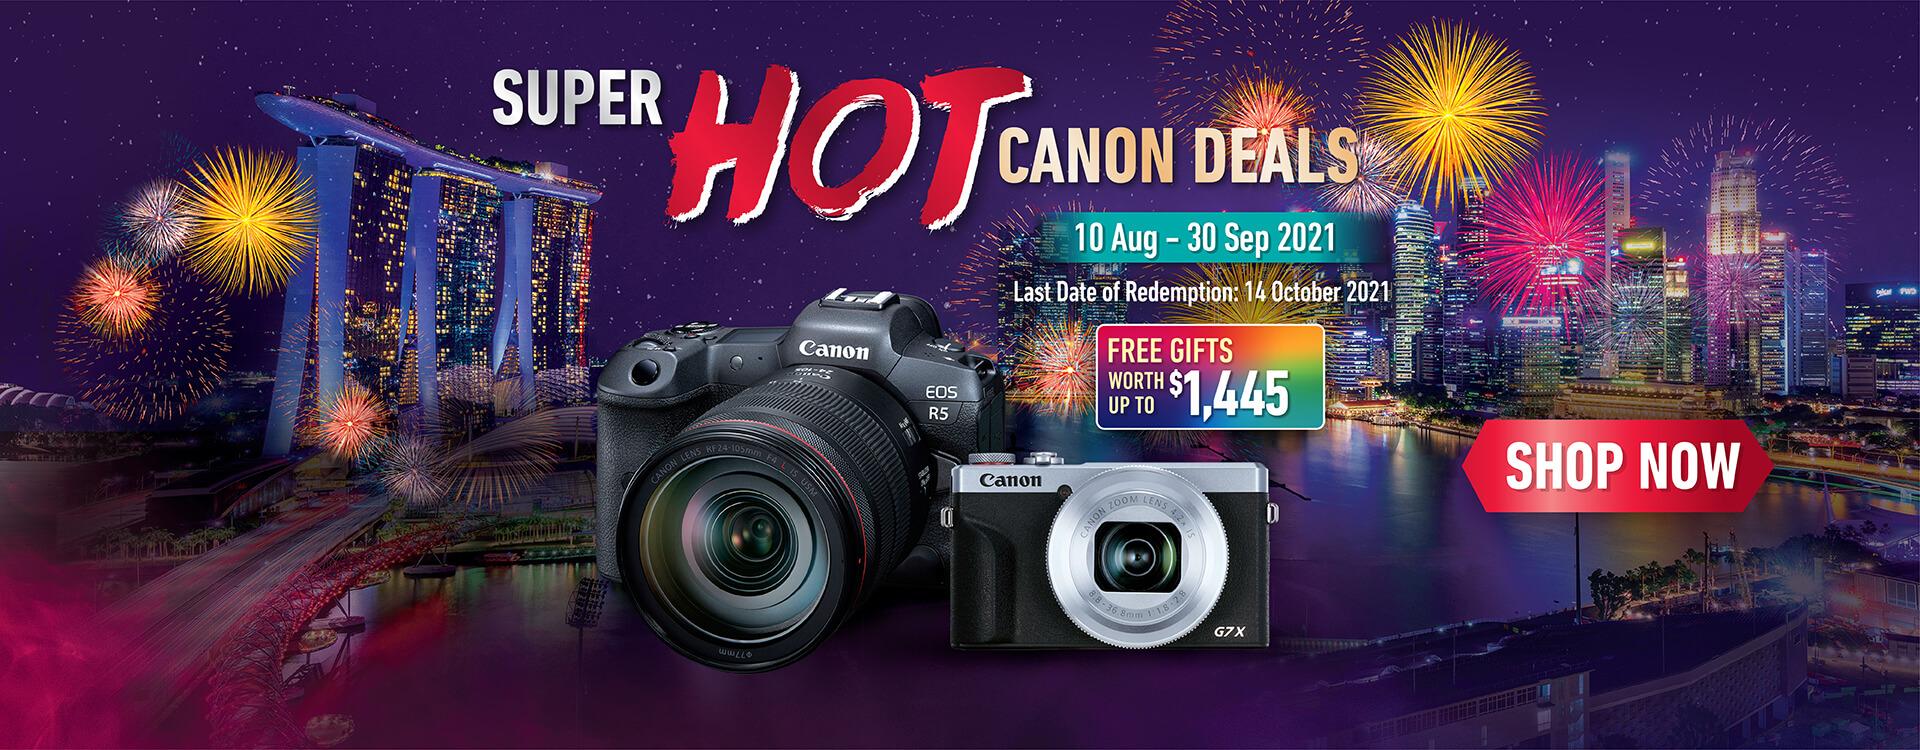 Super HOT Canon Deals